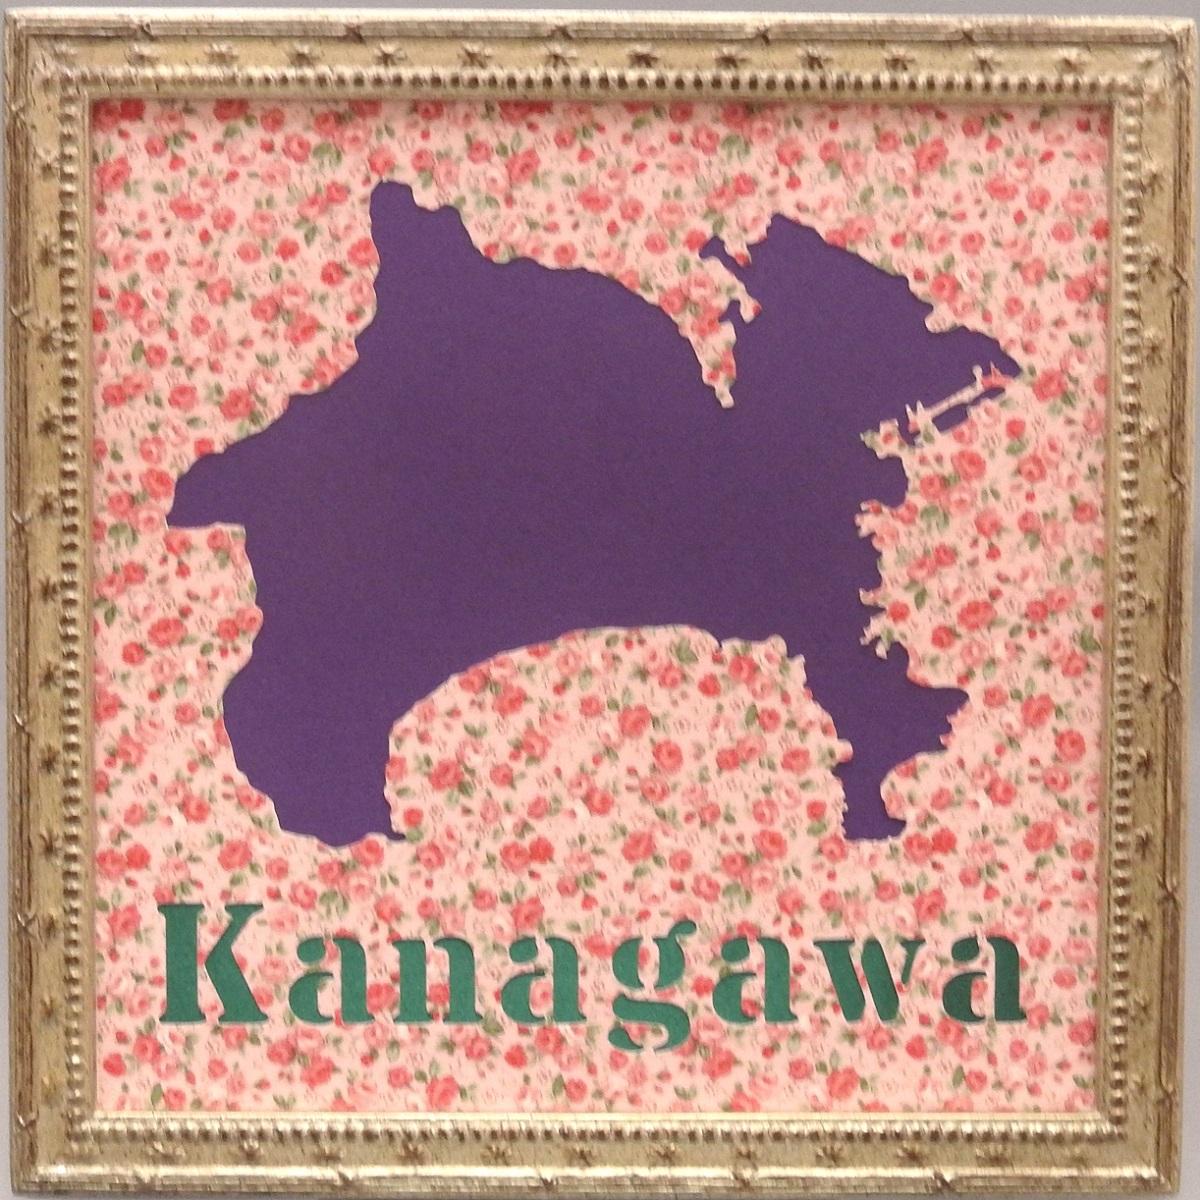 自動改札機の出荷金額日本一。神奈川県の地図をモチーフにした壁飾りです。220mmの正方形です。